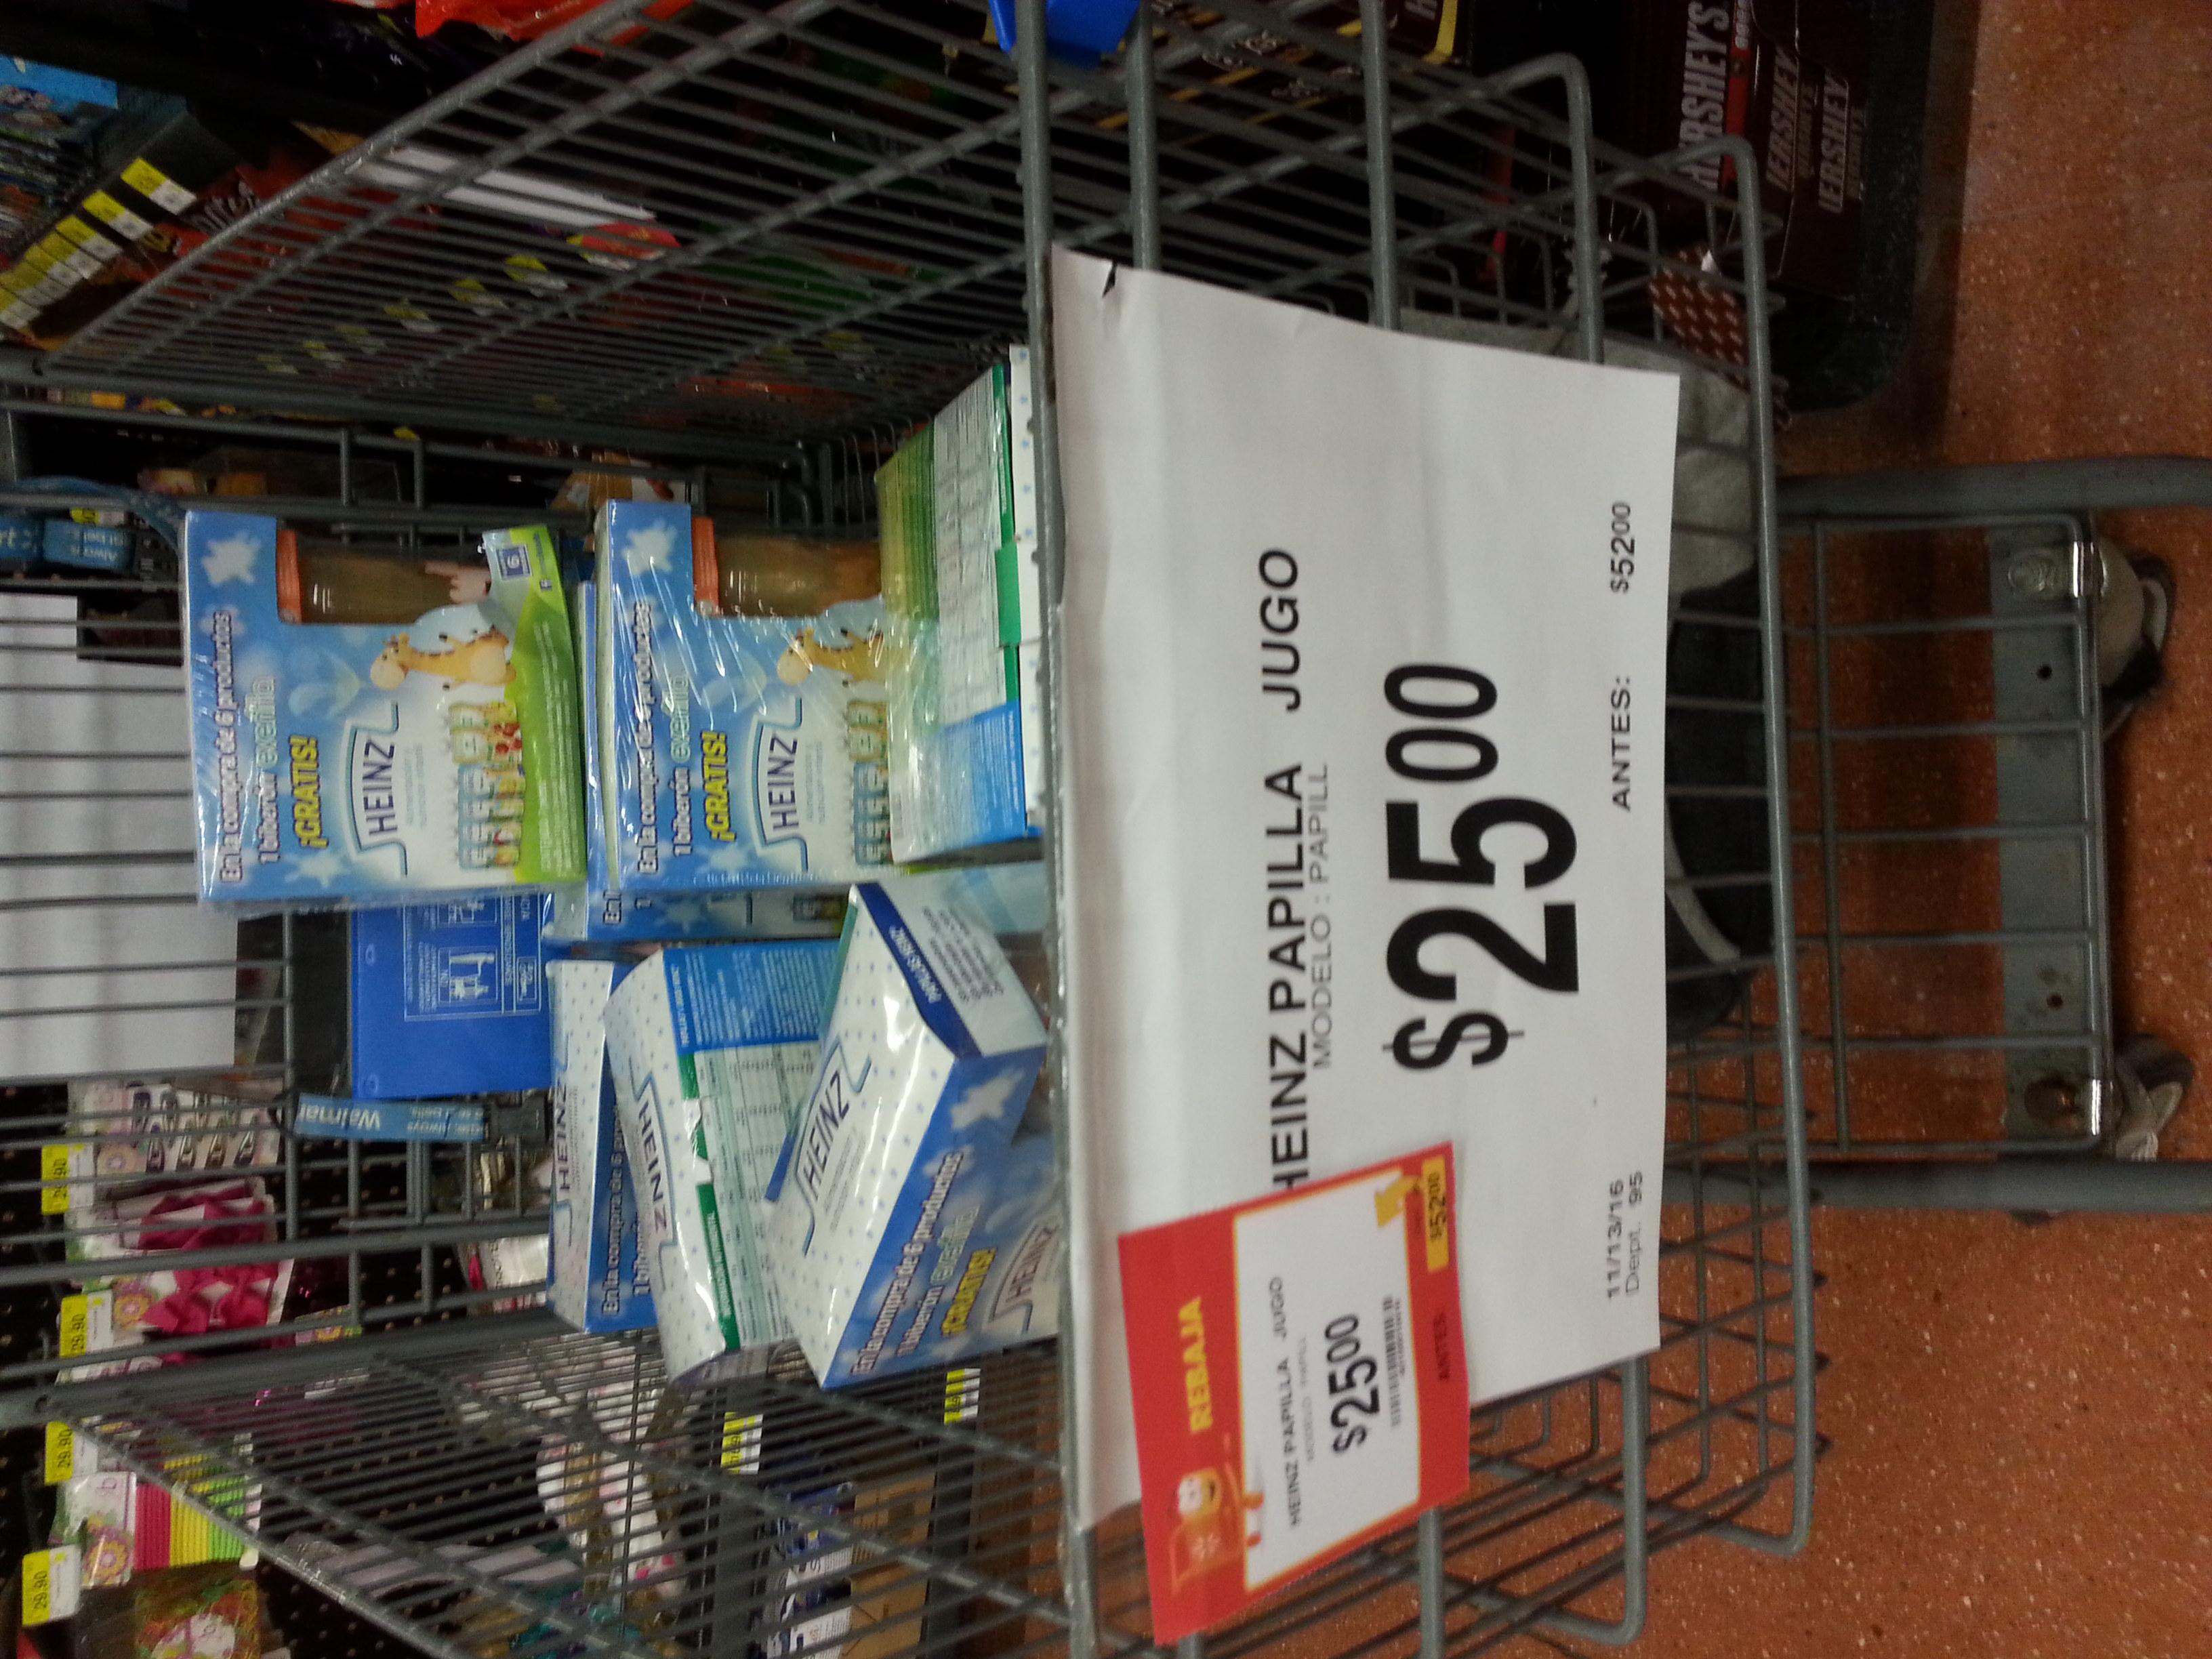 Walmart México 68 Culiacán: set de 6 papillas Heinz con biberon regalado de $52 a $25